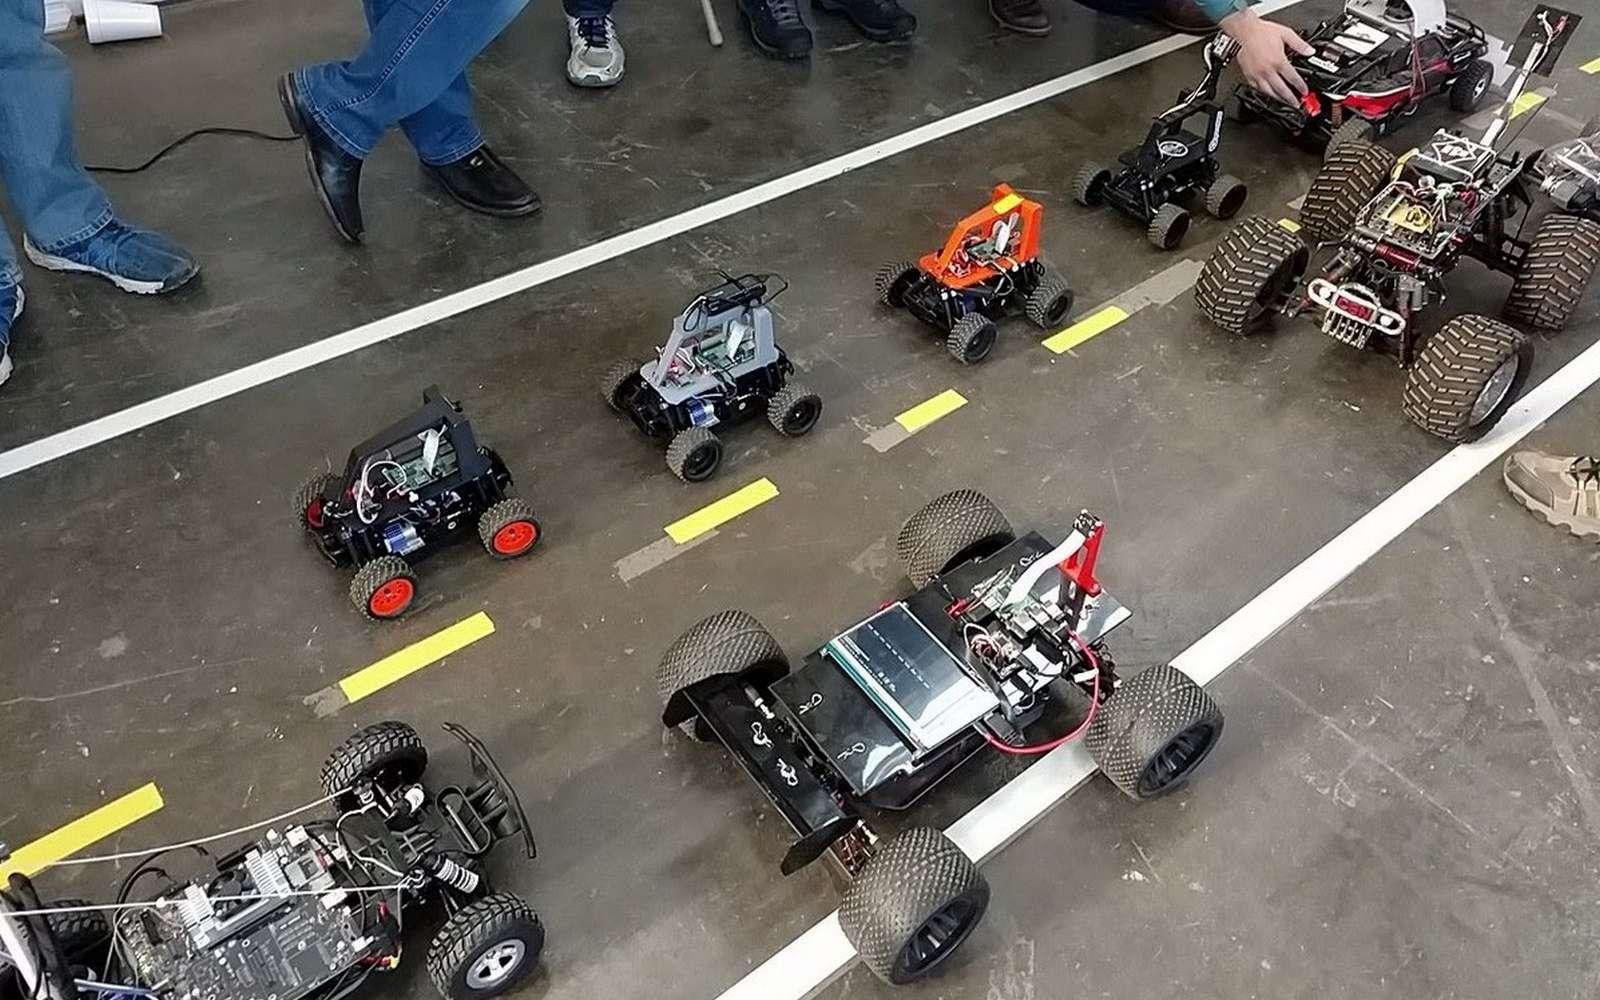 IronCar, le premier championnat de mini-voitures autonomes, arrive en France. Les voitures autonomes miniatures sont conçues sur la base de modèles réduits télécommandés achetés dans le commerce et modifiés. © DIY Robocars